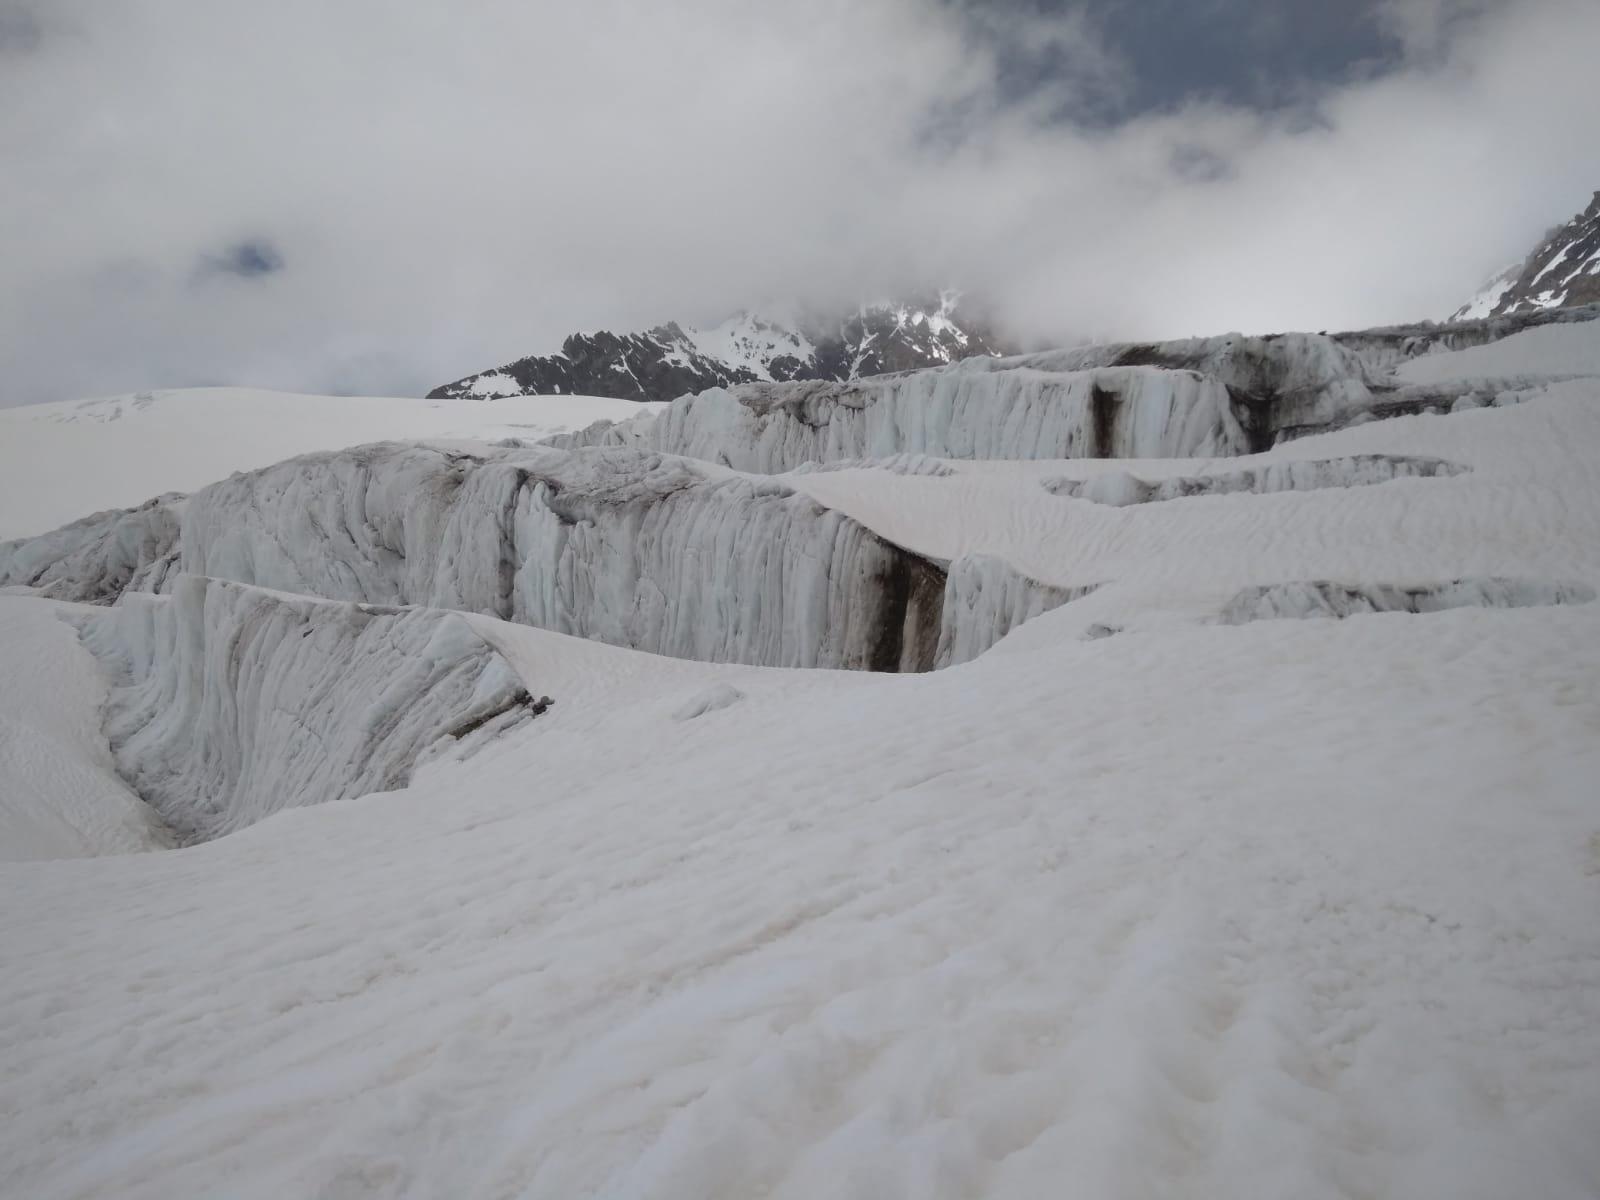 La parte centrale del ghiacciaio